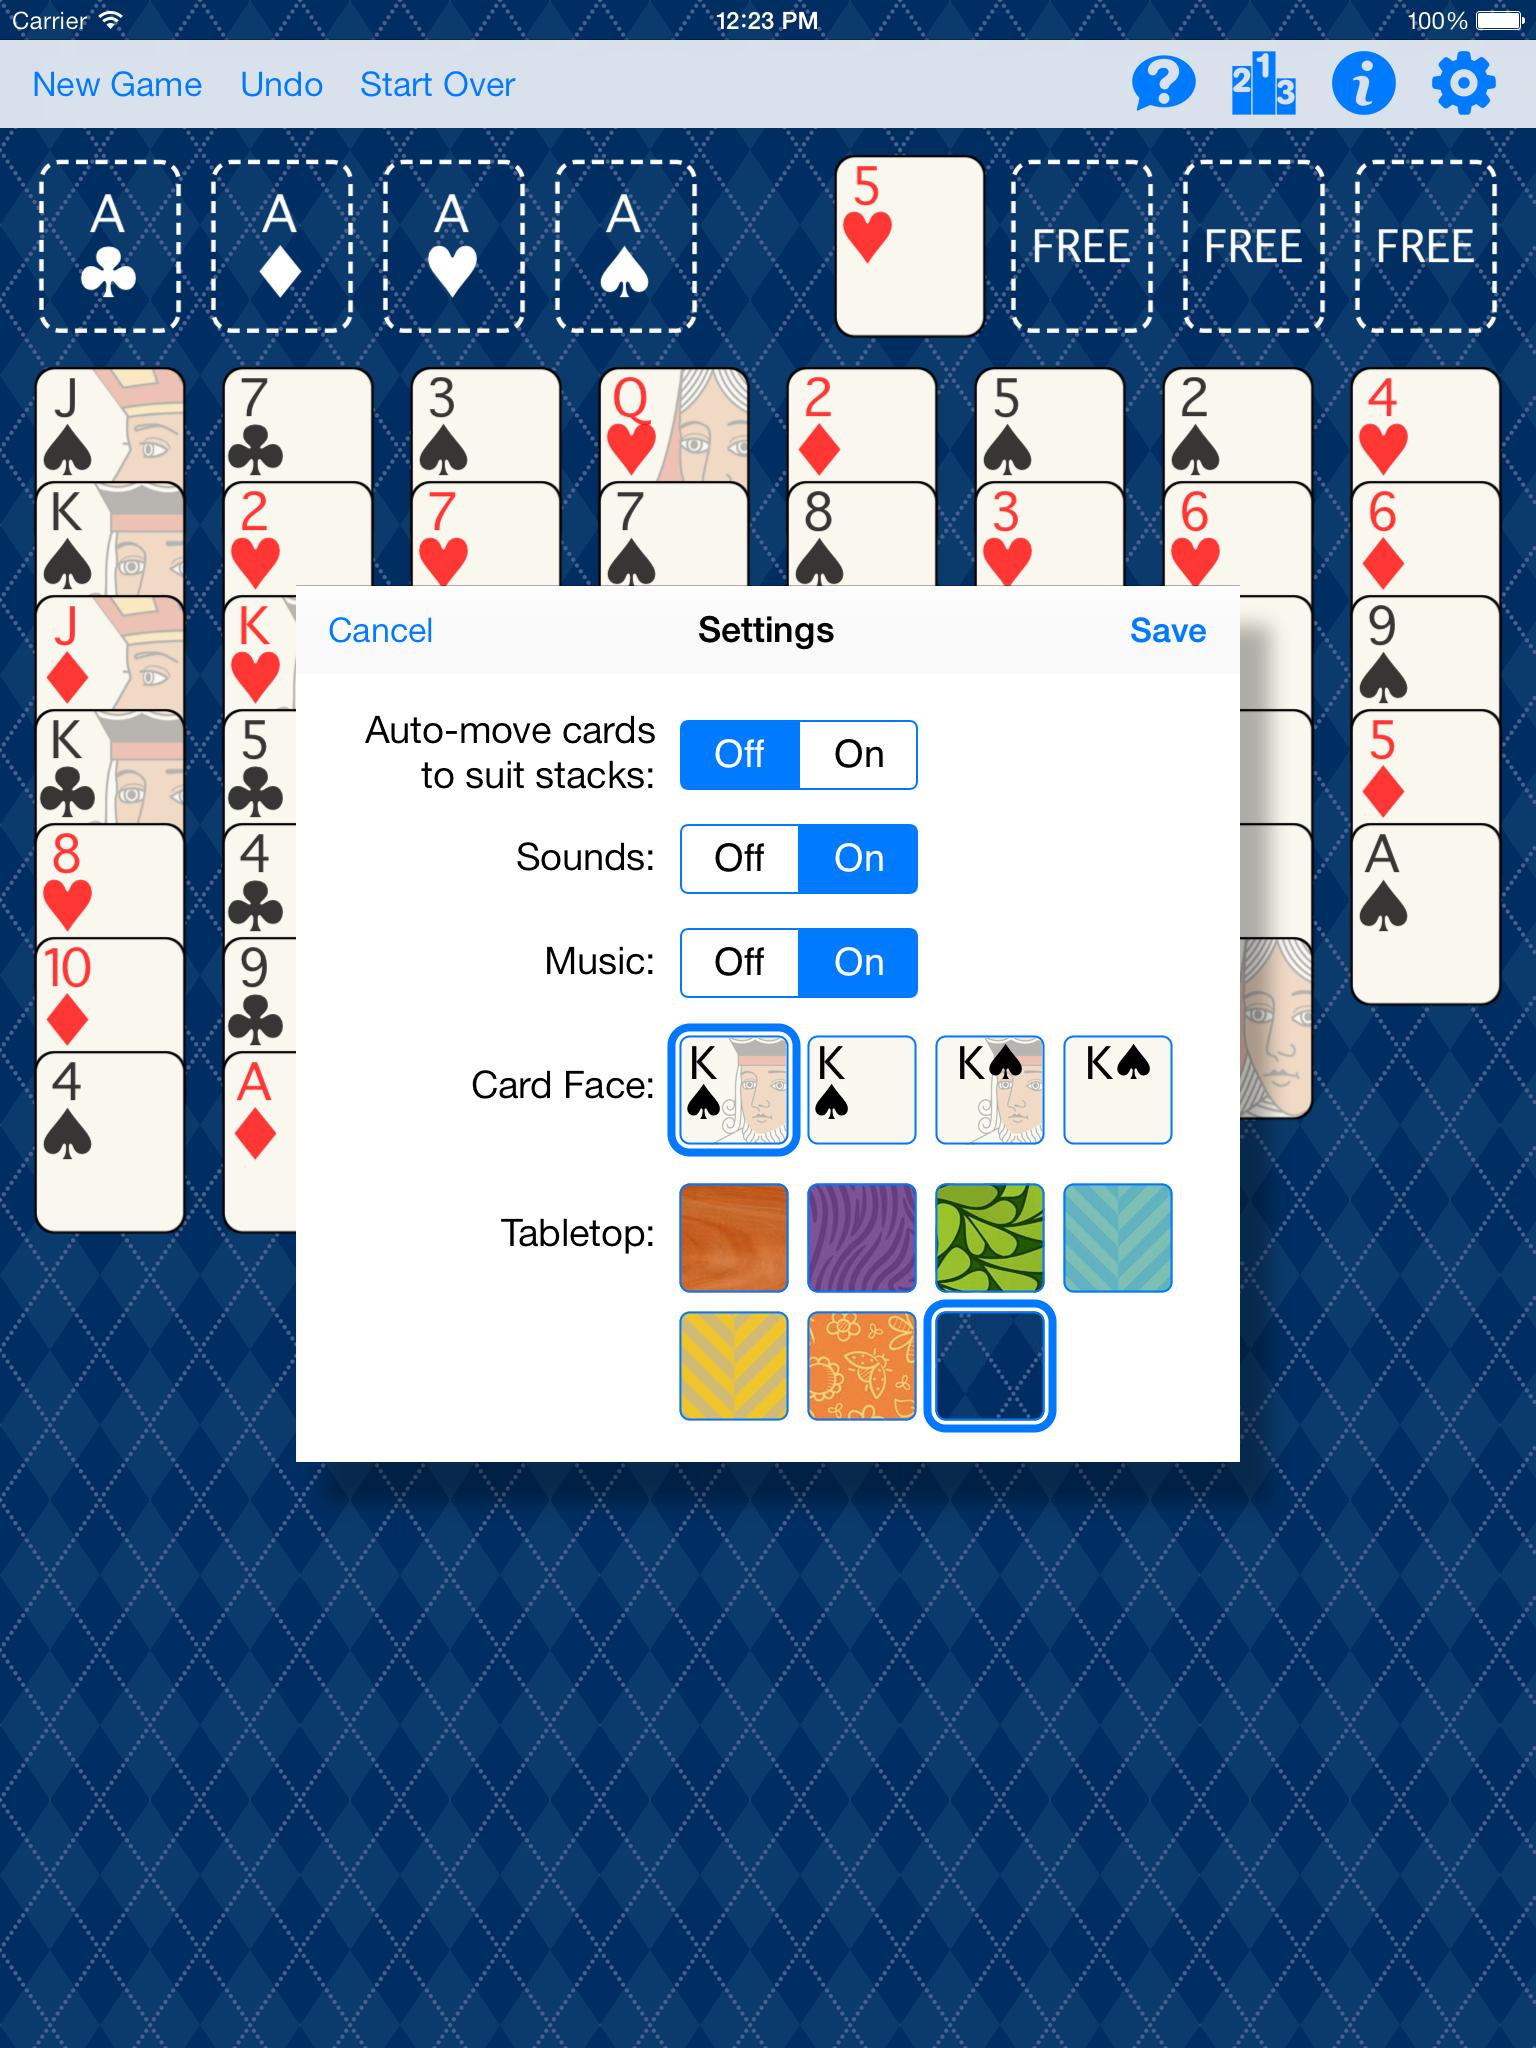 iOS Simulator Screen shot Jan 8, 2014, 12.23.05 PM.png